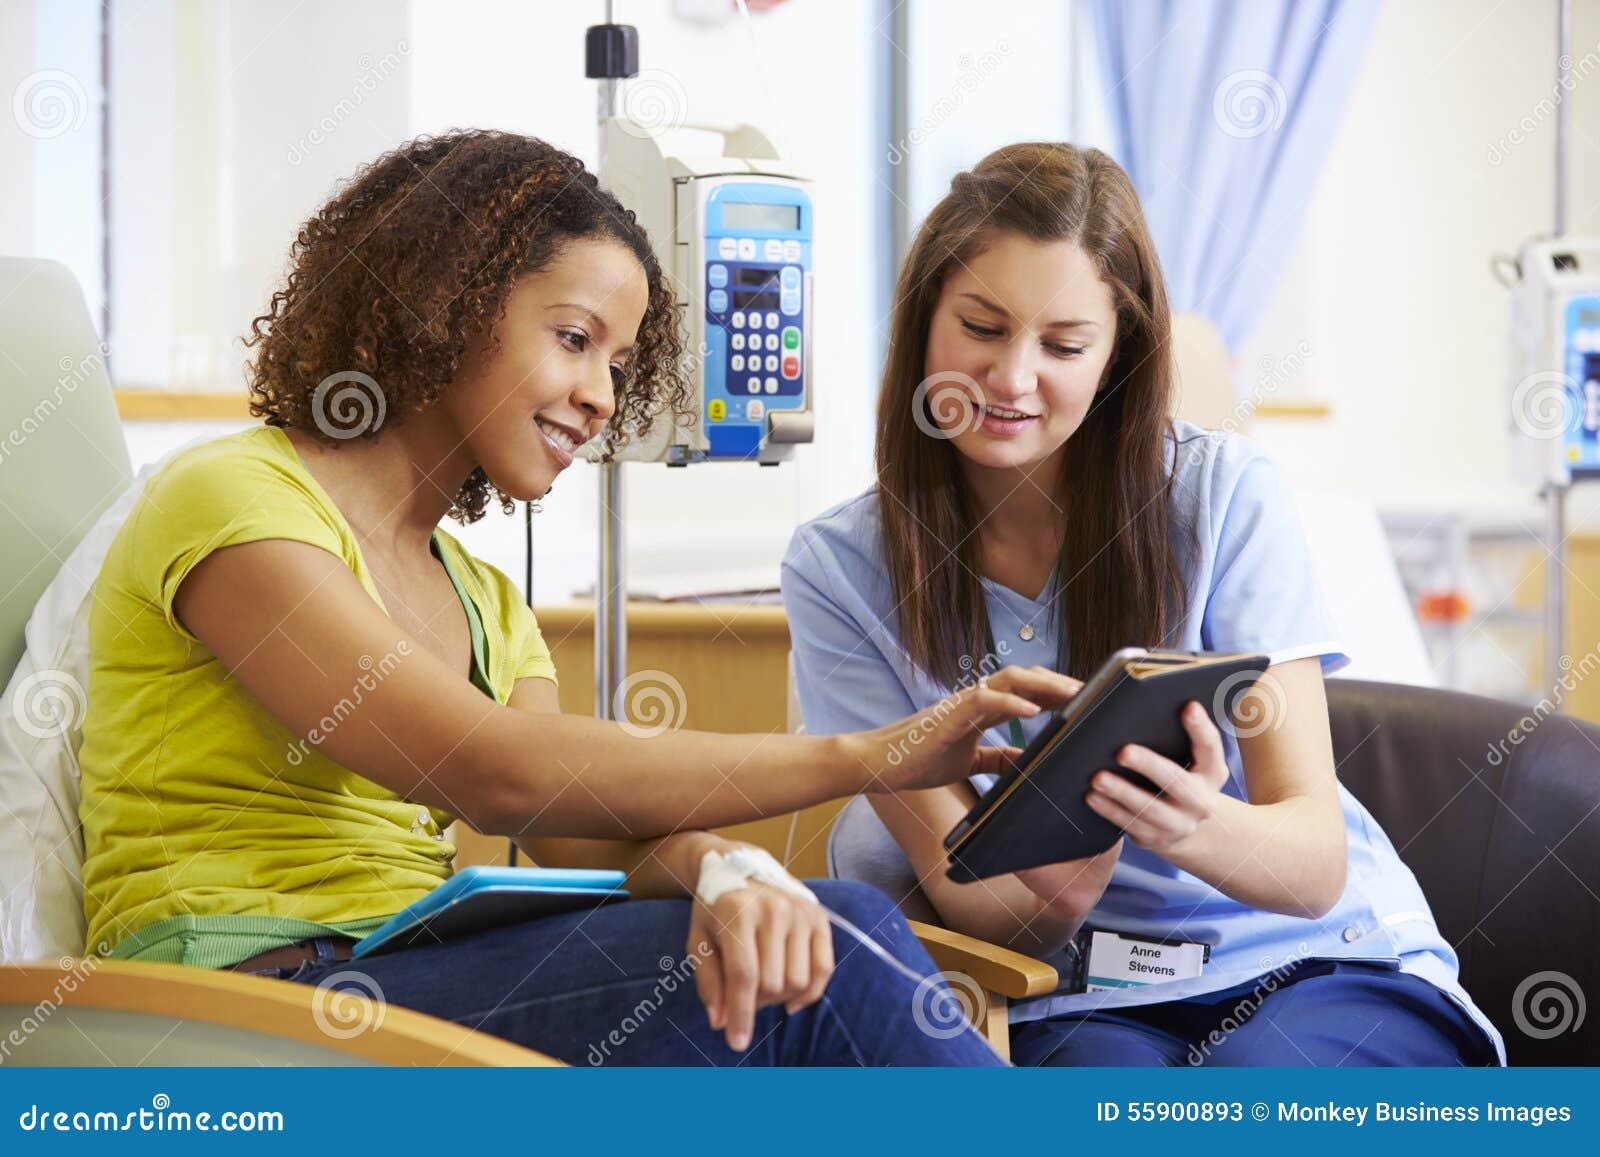 Kvinna som har kemoterapi med sjuksköterskan Using Digital Tablet